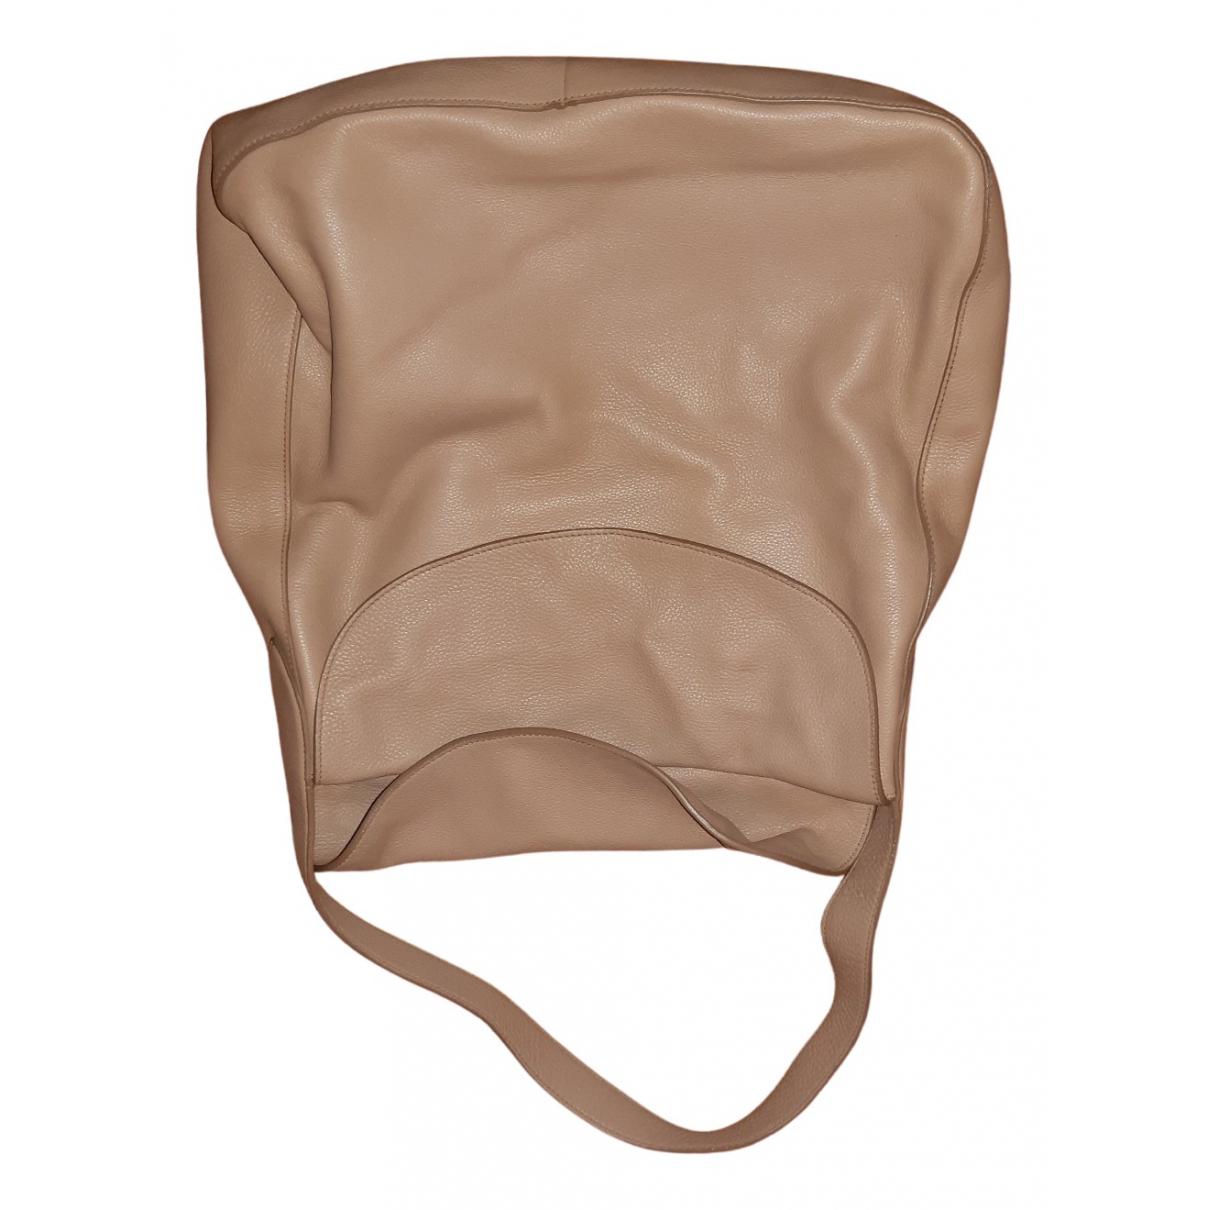 Prada \N Handtasche in  Kamel Leder